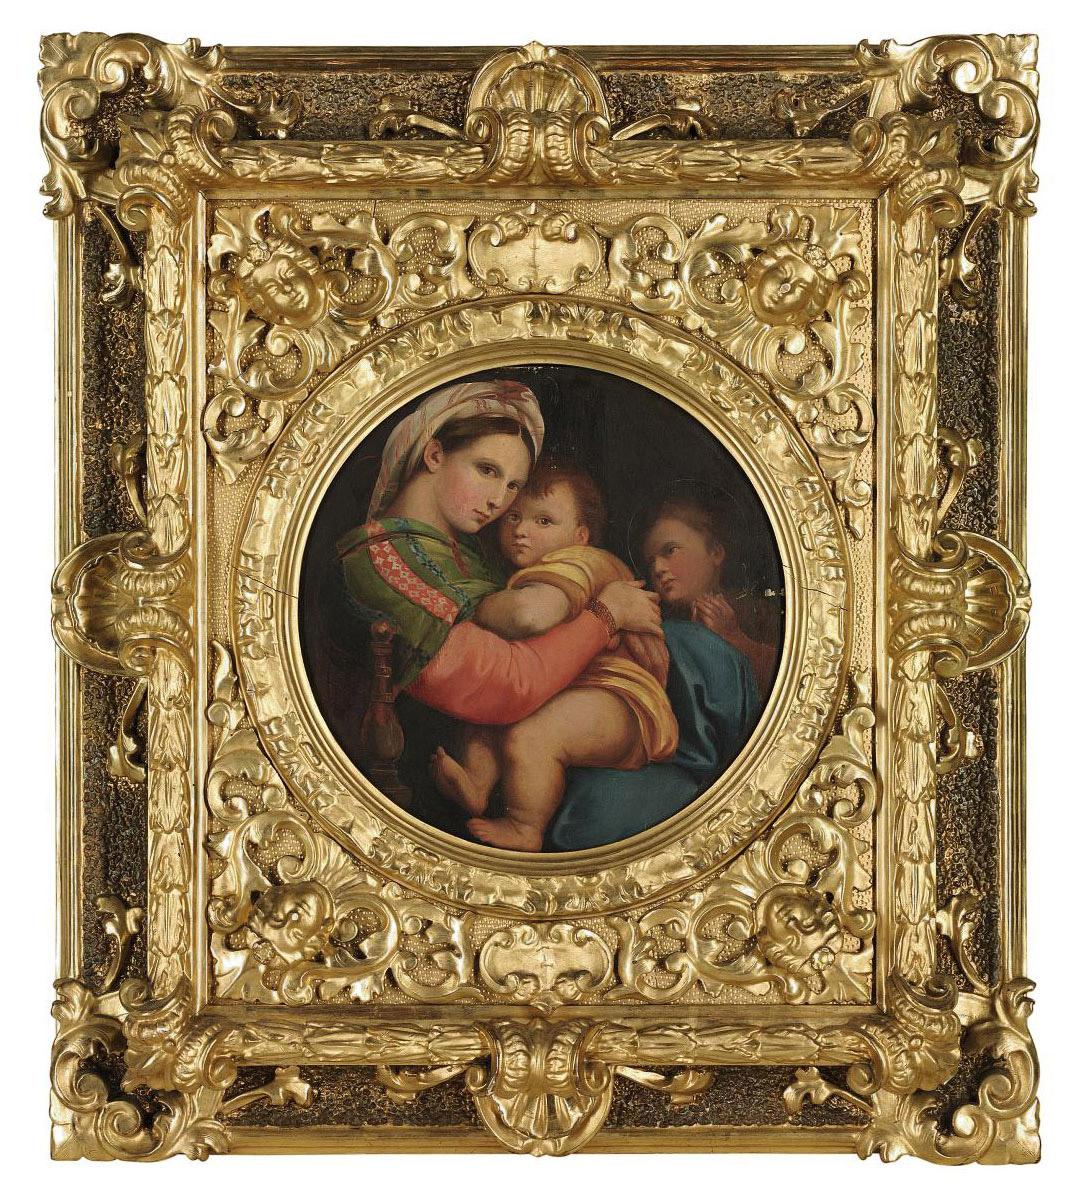 The Madonna della Sedia